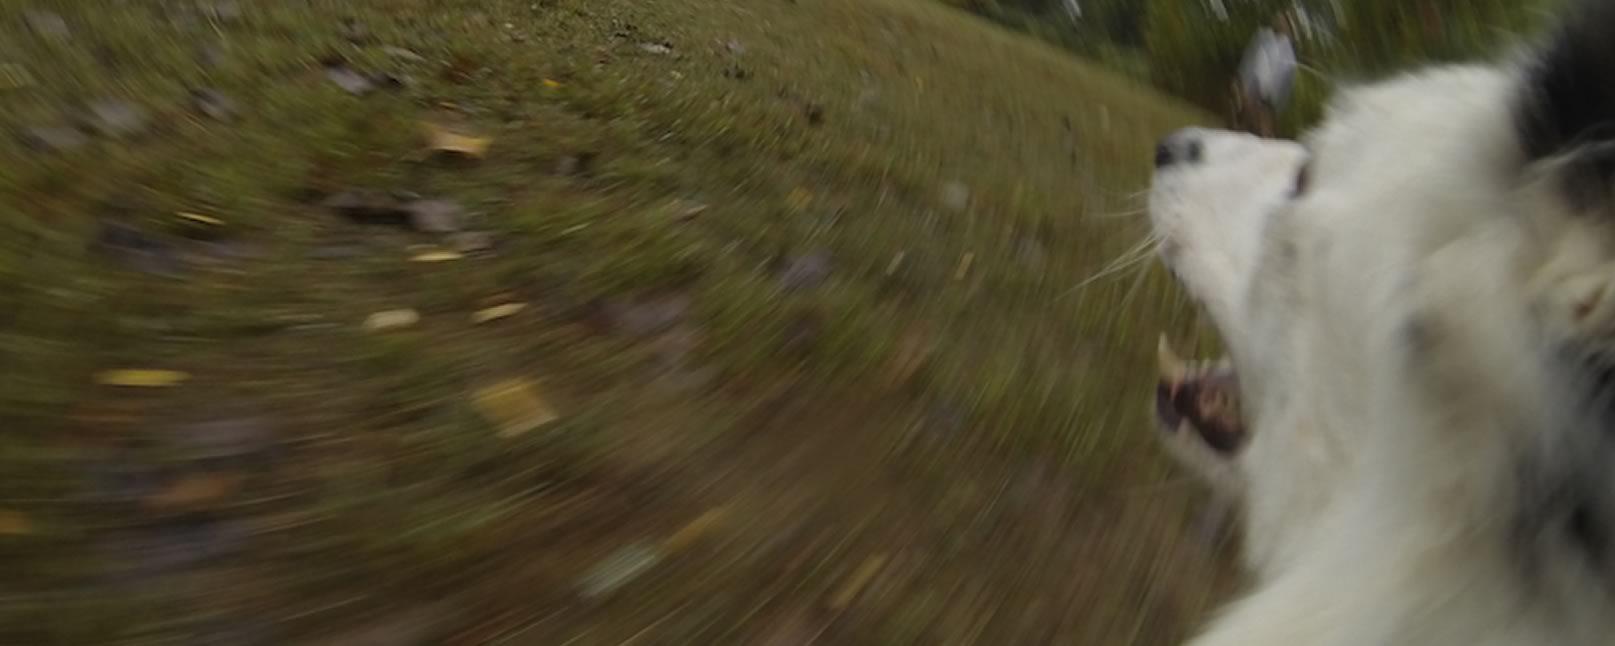 Disc Dog Jam Cam – POV Slow Motion